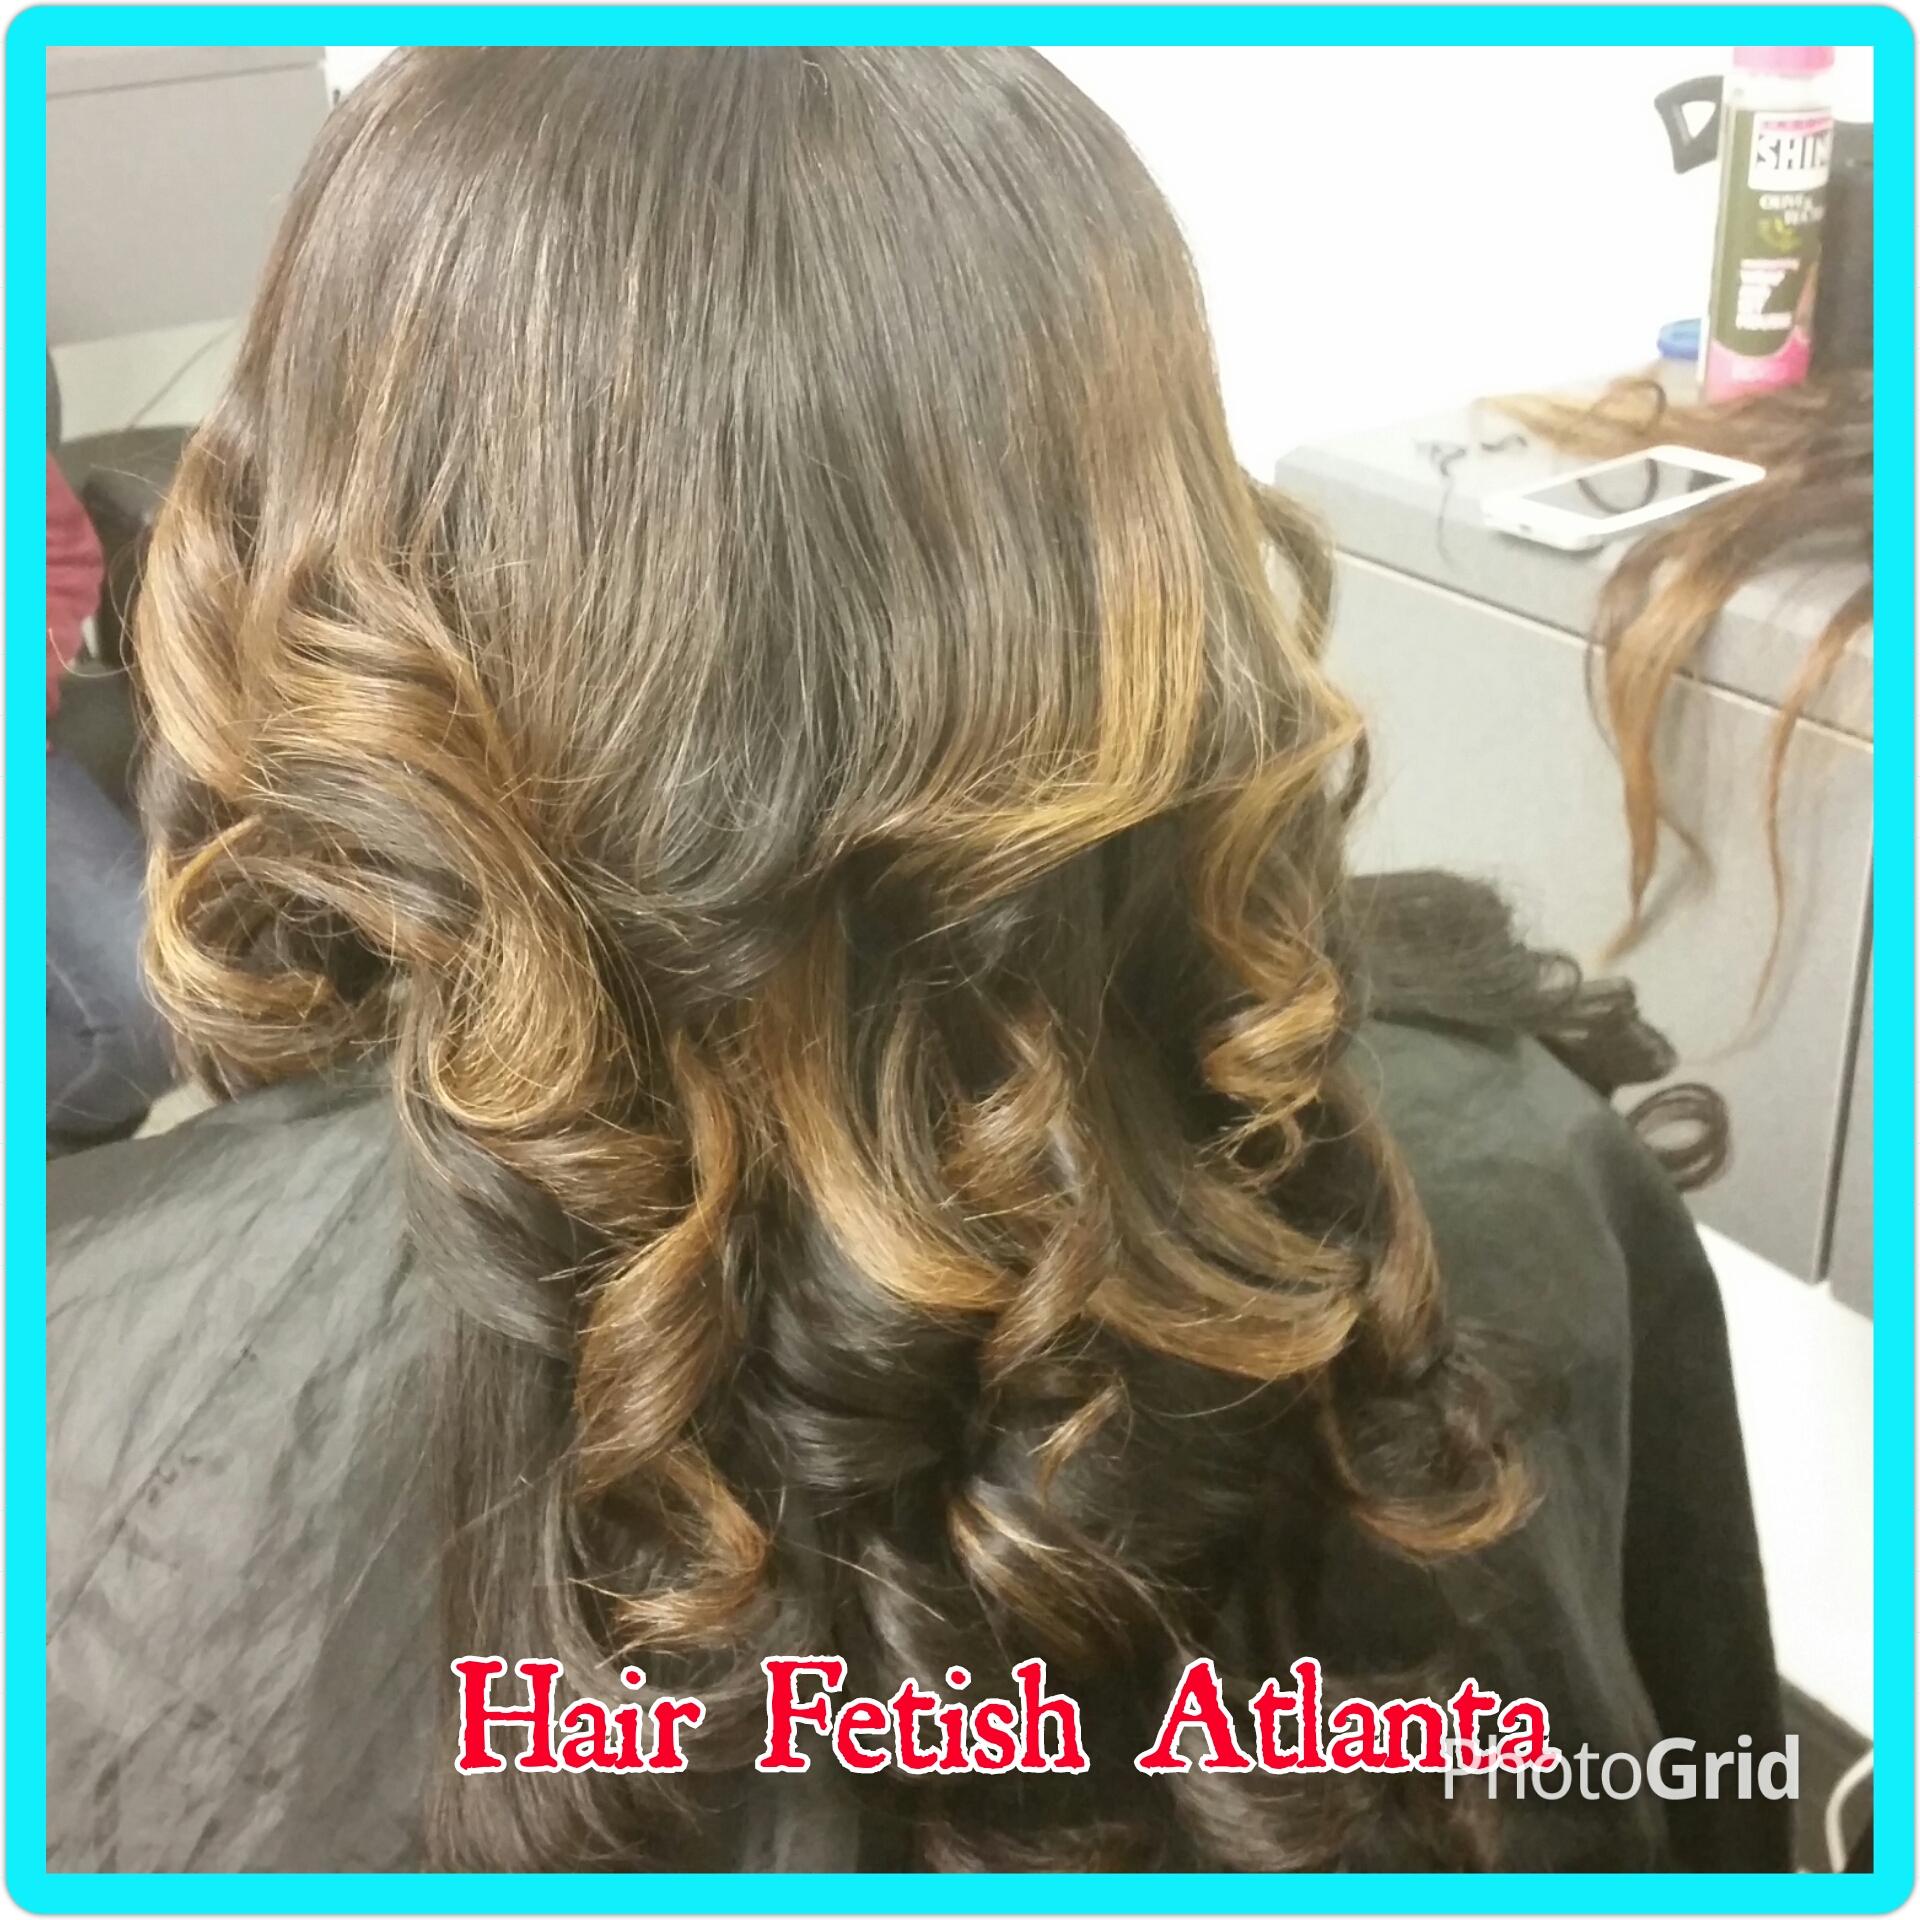 Virgin Hair Atlanta Archives Hair Fetish Atlanta Salon